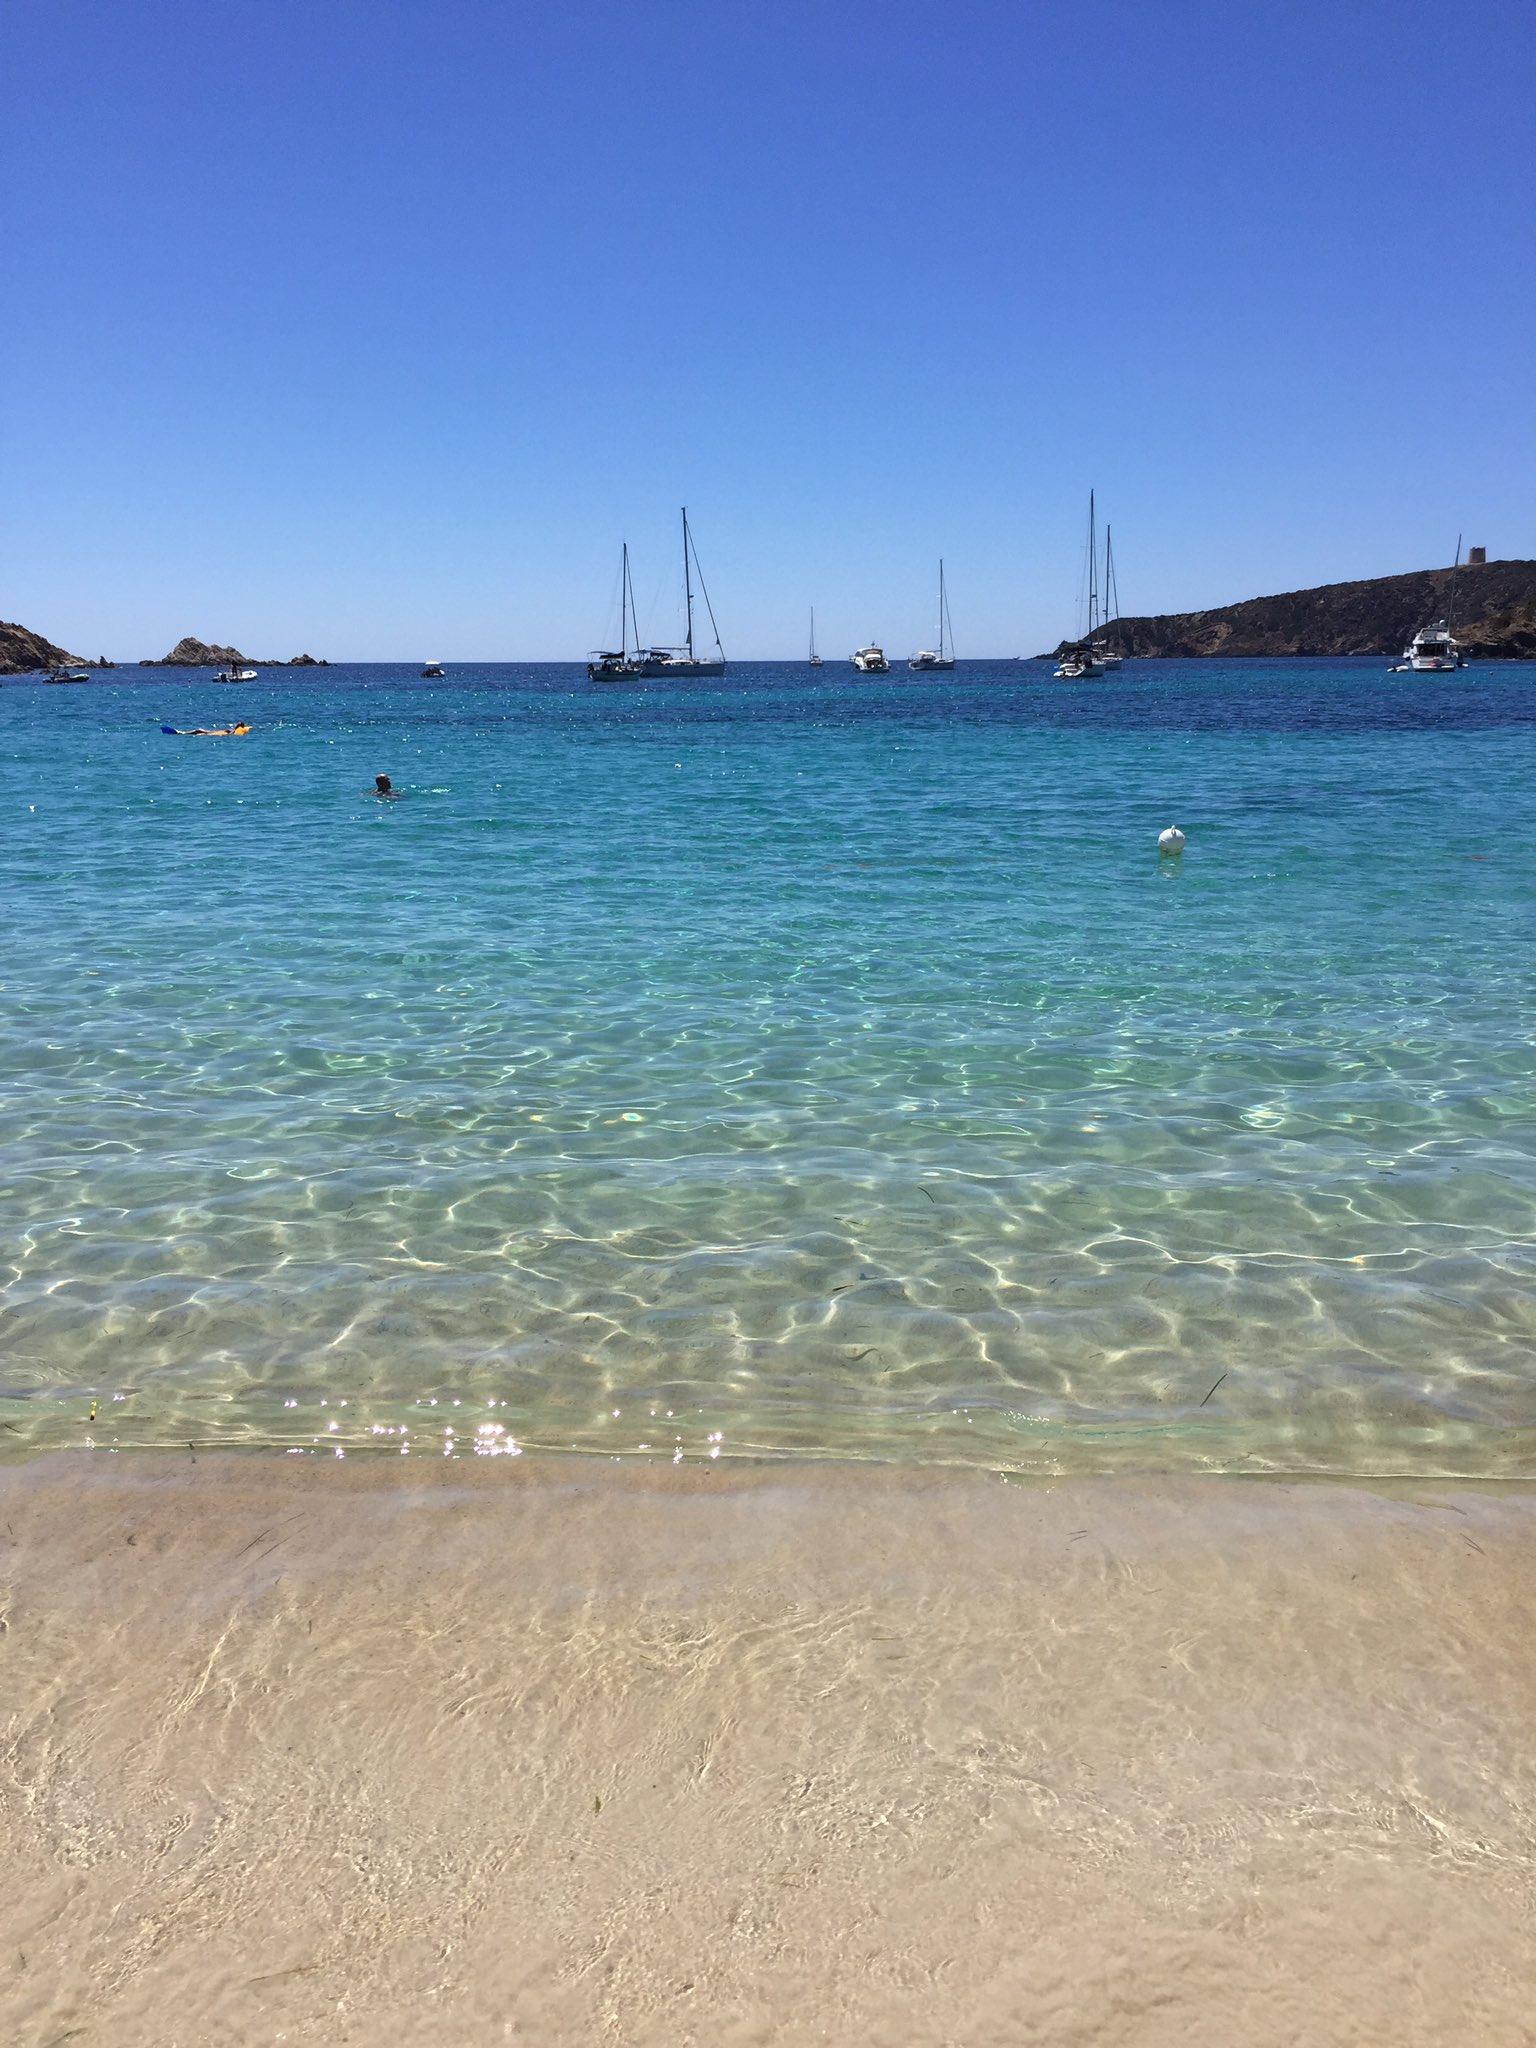 Con un mare così il riposo è assicurato! #tuerredda #Sardinia #Sardegna #Summer2016 https://t.co/P9peNP3Gfc